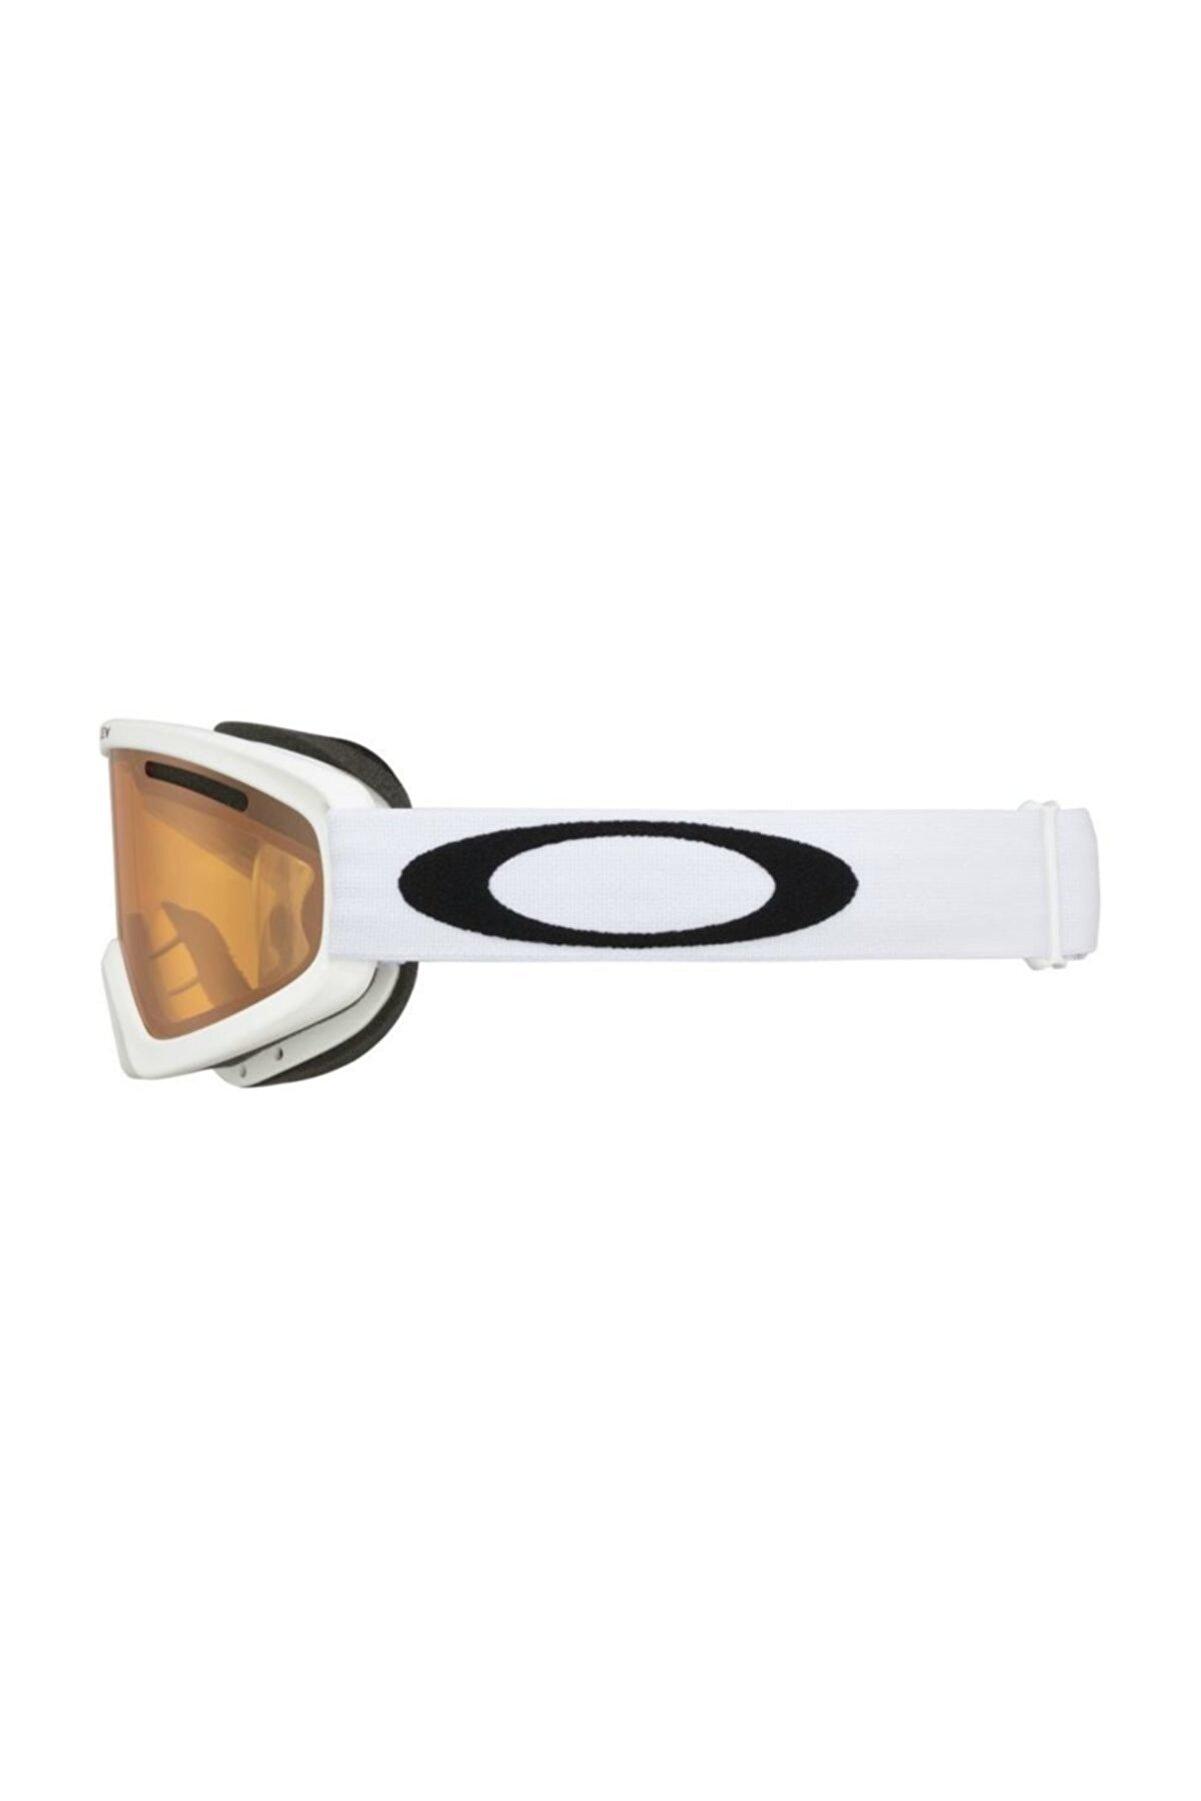 Oakley Unisex Kayak Gözlükleri O Frame 2.0 Pro Youth 711403-23340